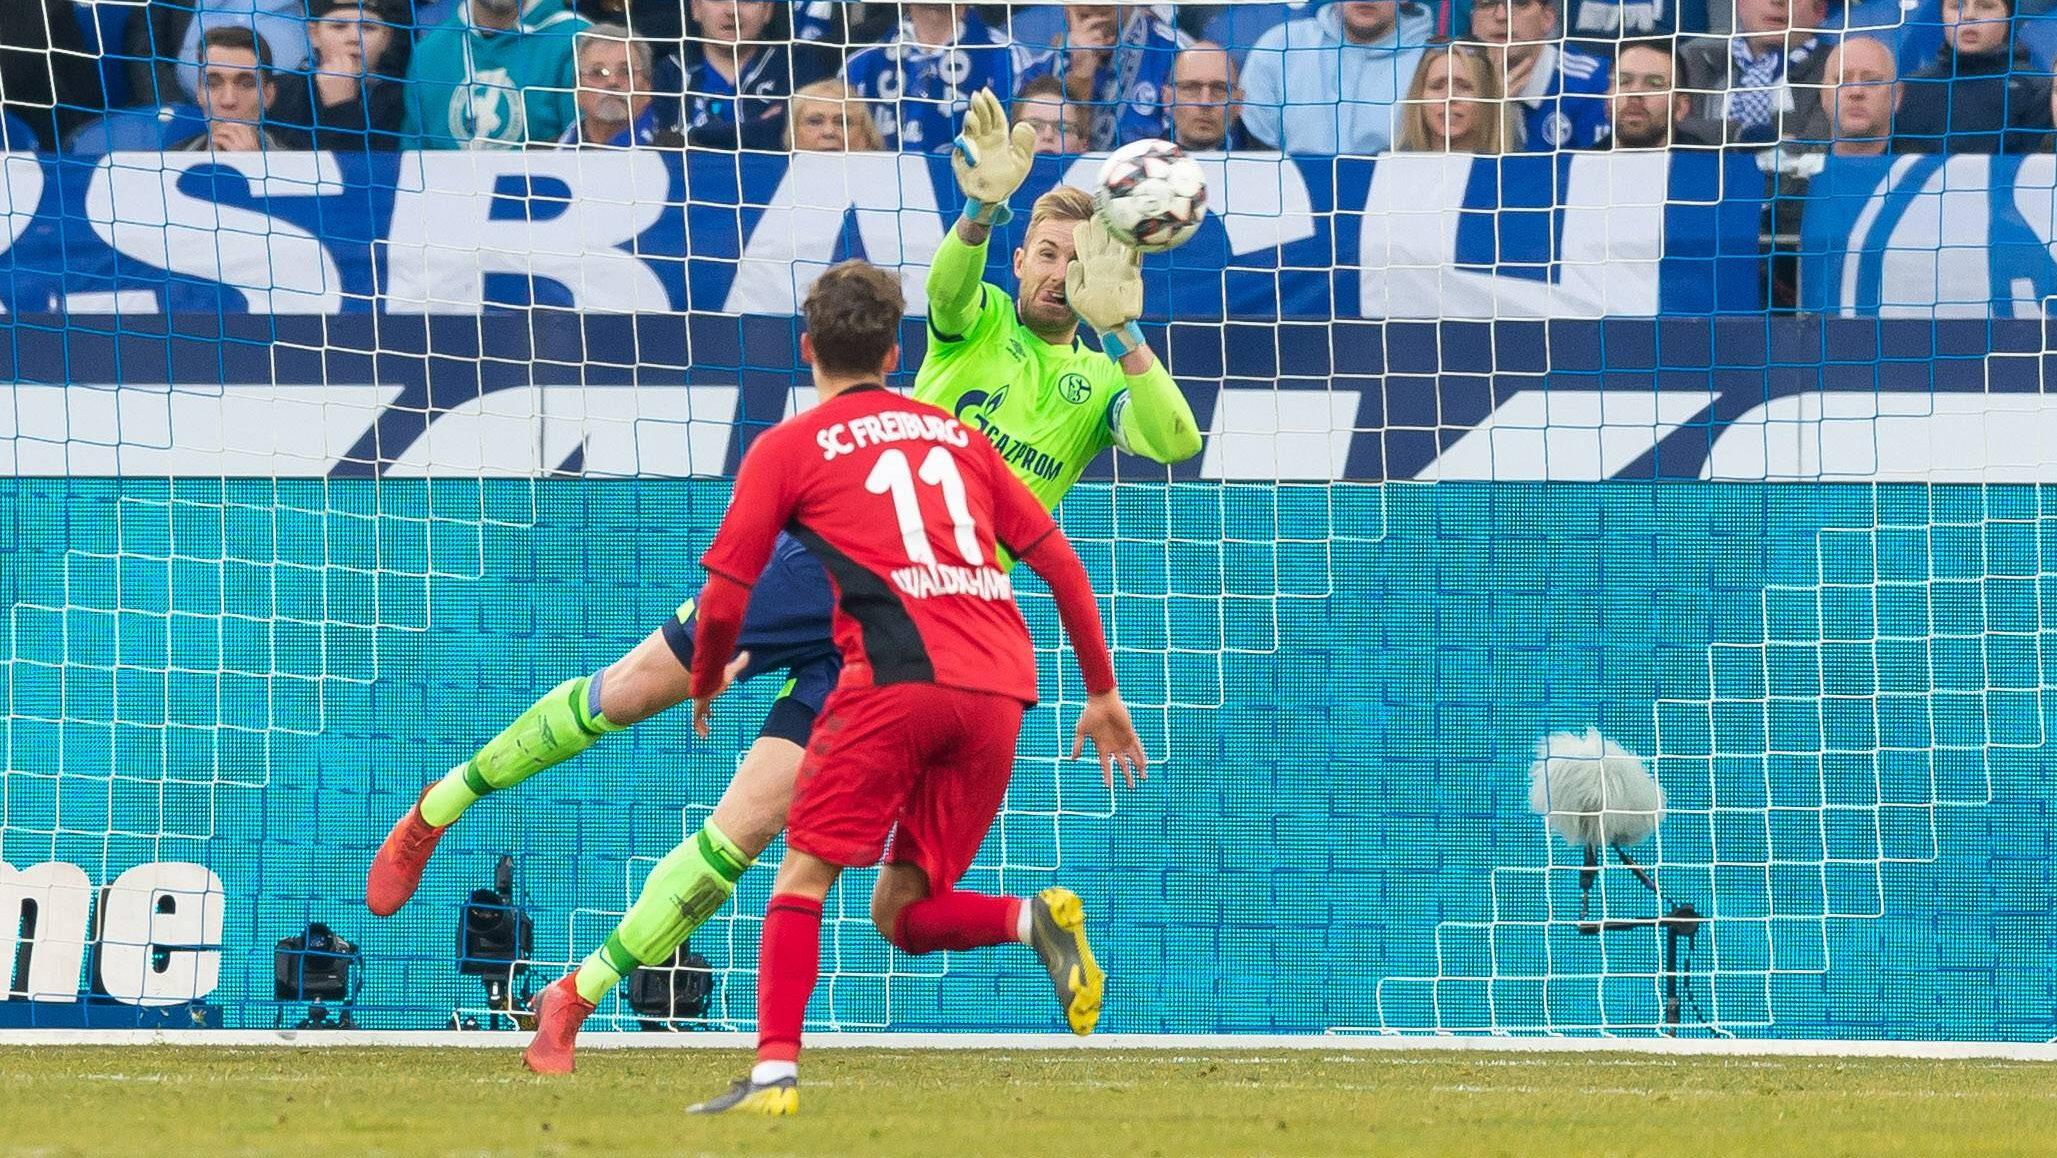 Zwei Platzverweise, kein Tor bei Schalke-Freiburg